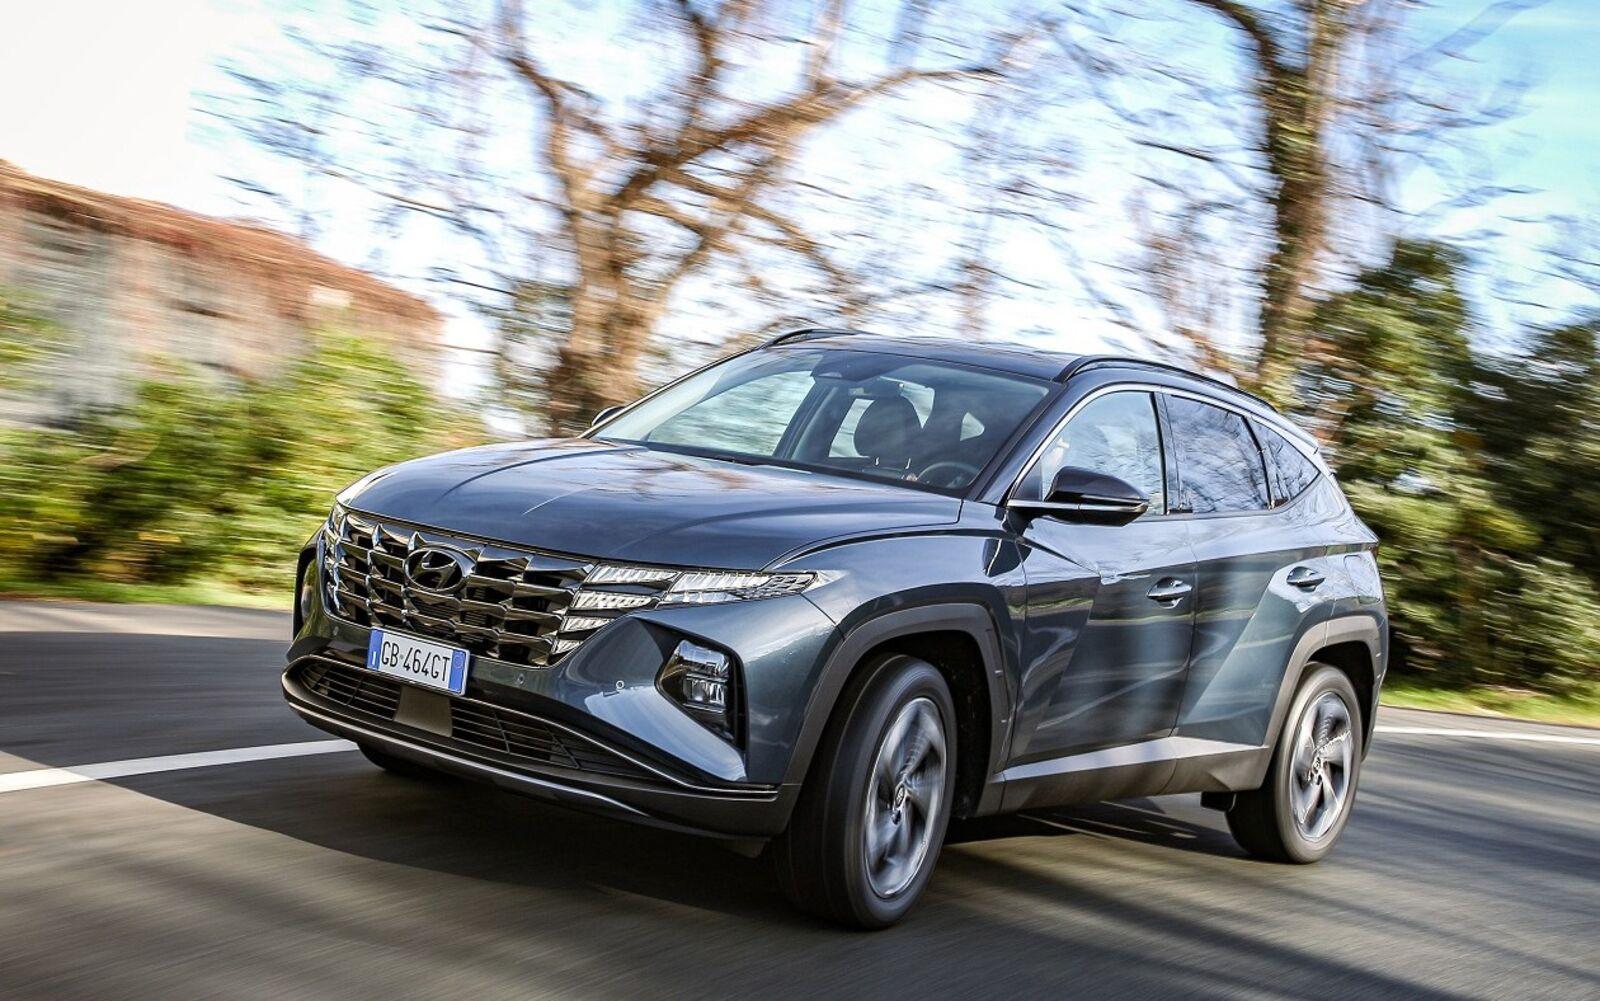 Nuova IONIQ 5 e BAYON in anteprima nazionale al MIMO Motor Show 2021